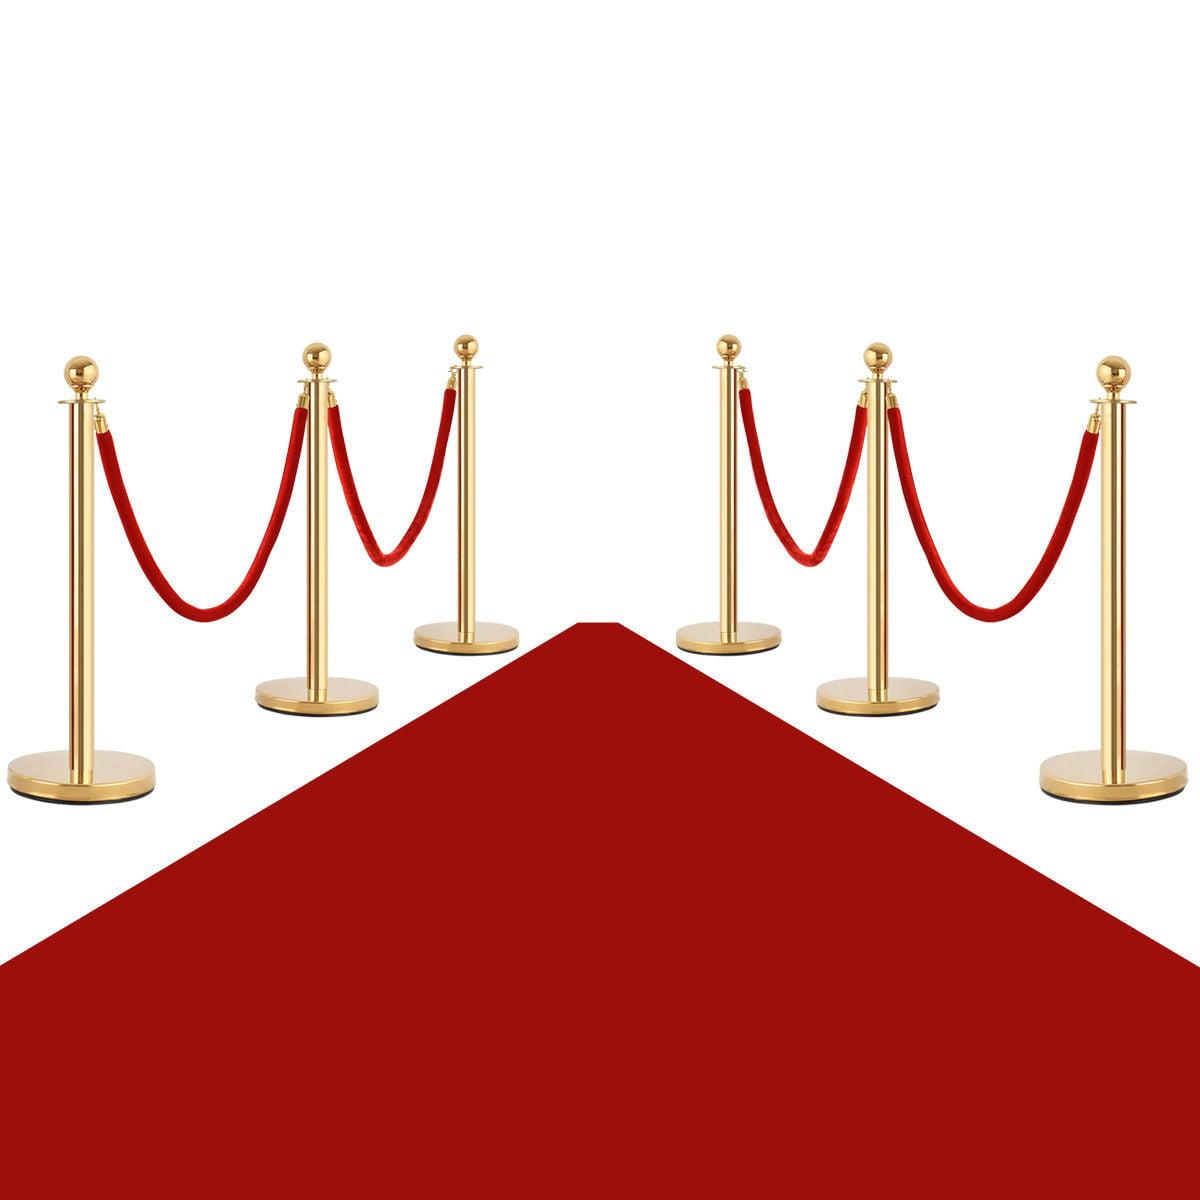 Costway 6Pcs Stanchion Posts Queue Pole Retractable 4 Velvet Ropes Crowd Control Barrier